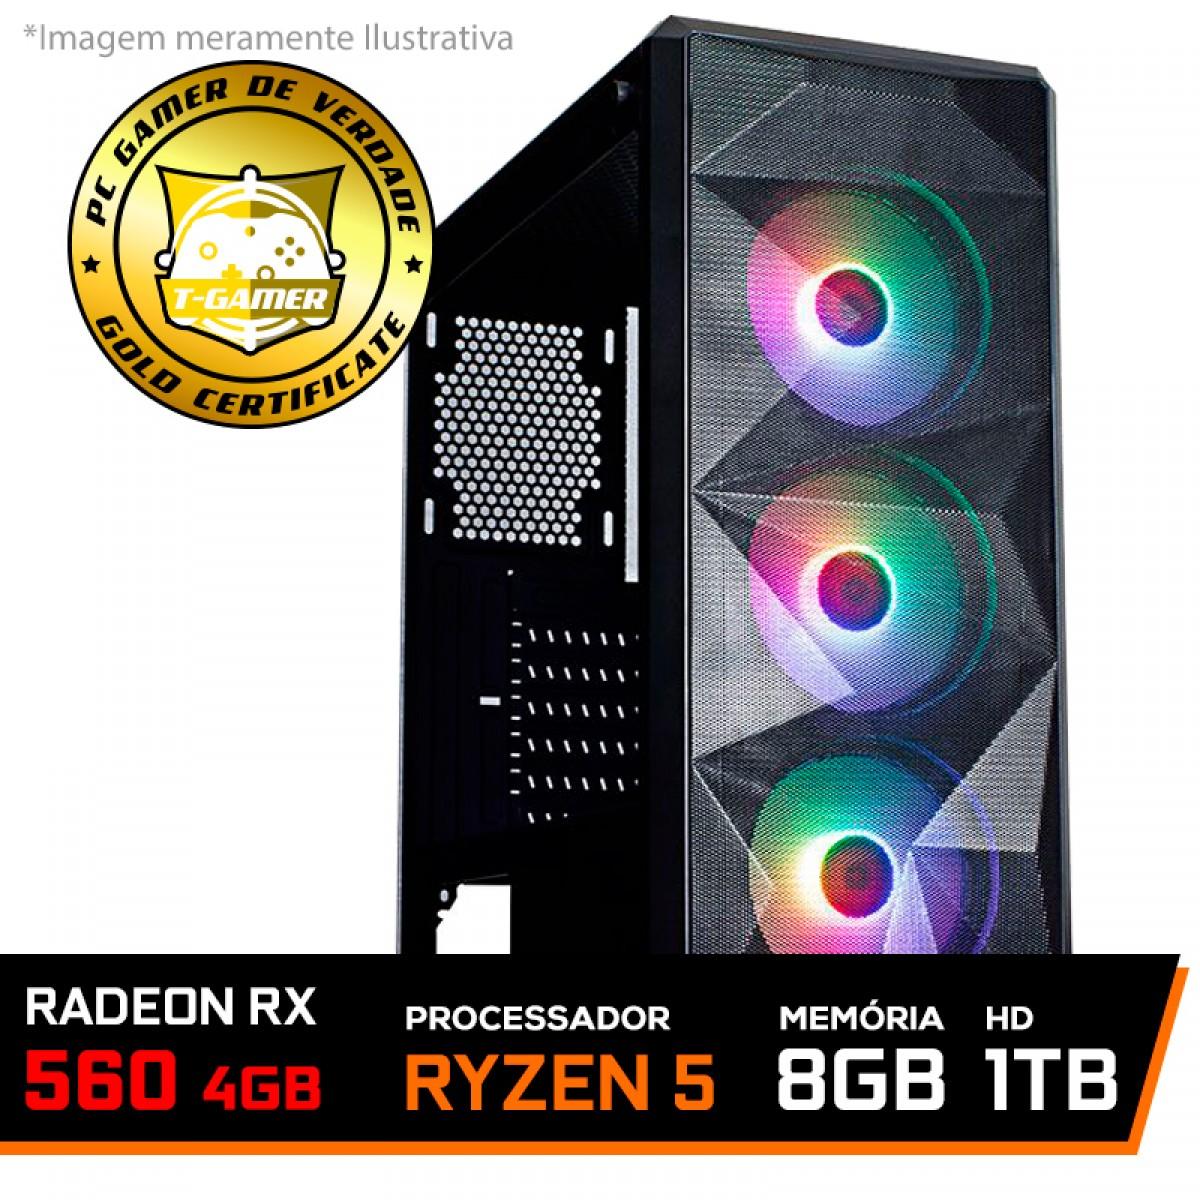 Pc Gamer Tera Edition AMD Ryzen 5 3600 / Radeon RX 560 4GB / DDR4 8GB / HD 1TB / 500W